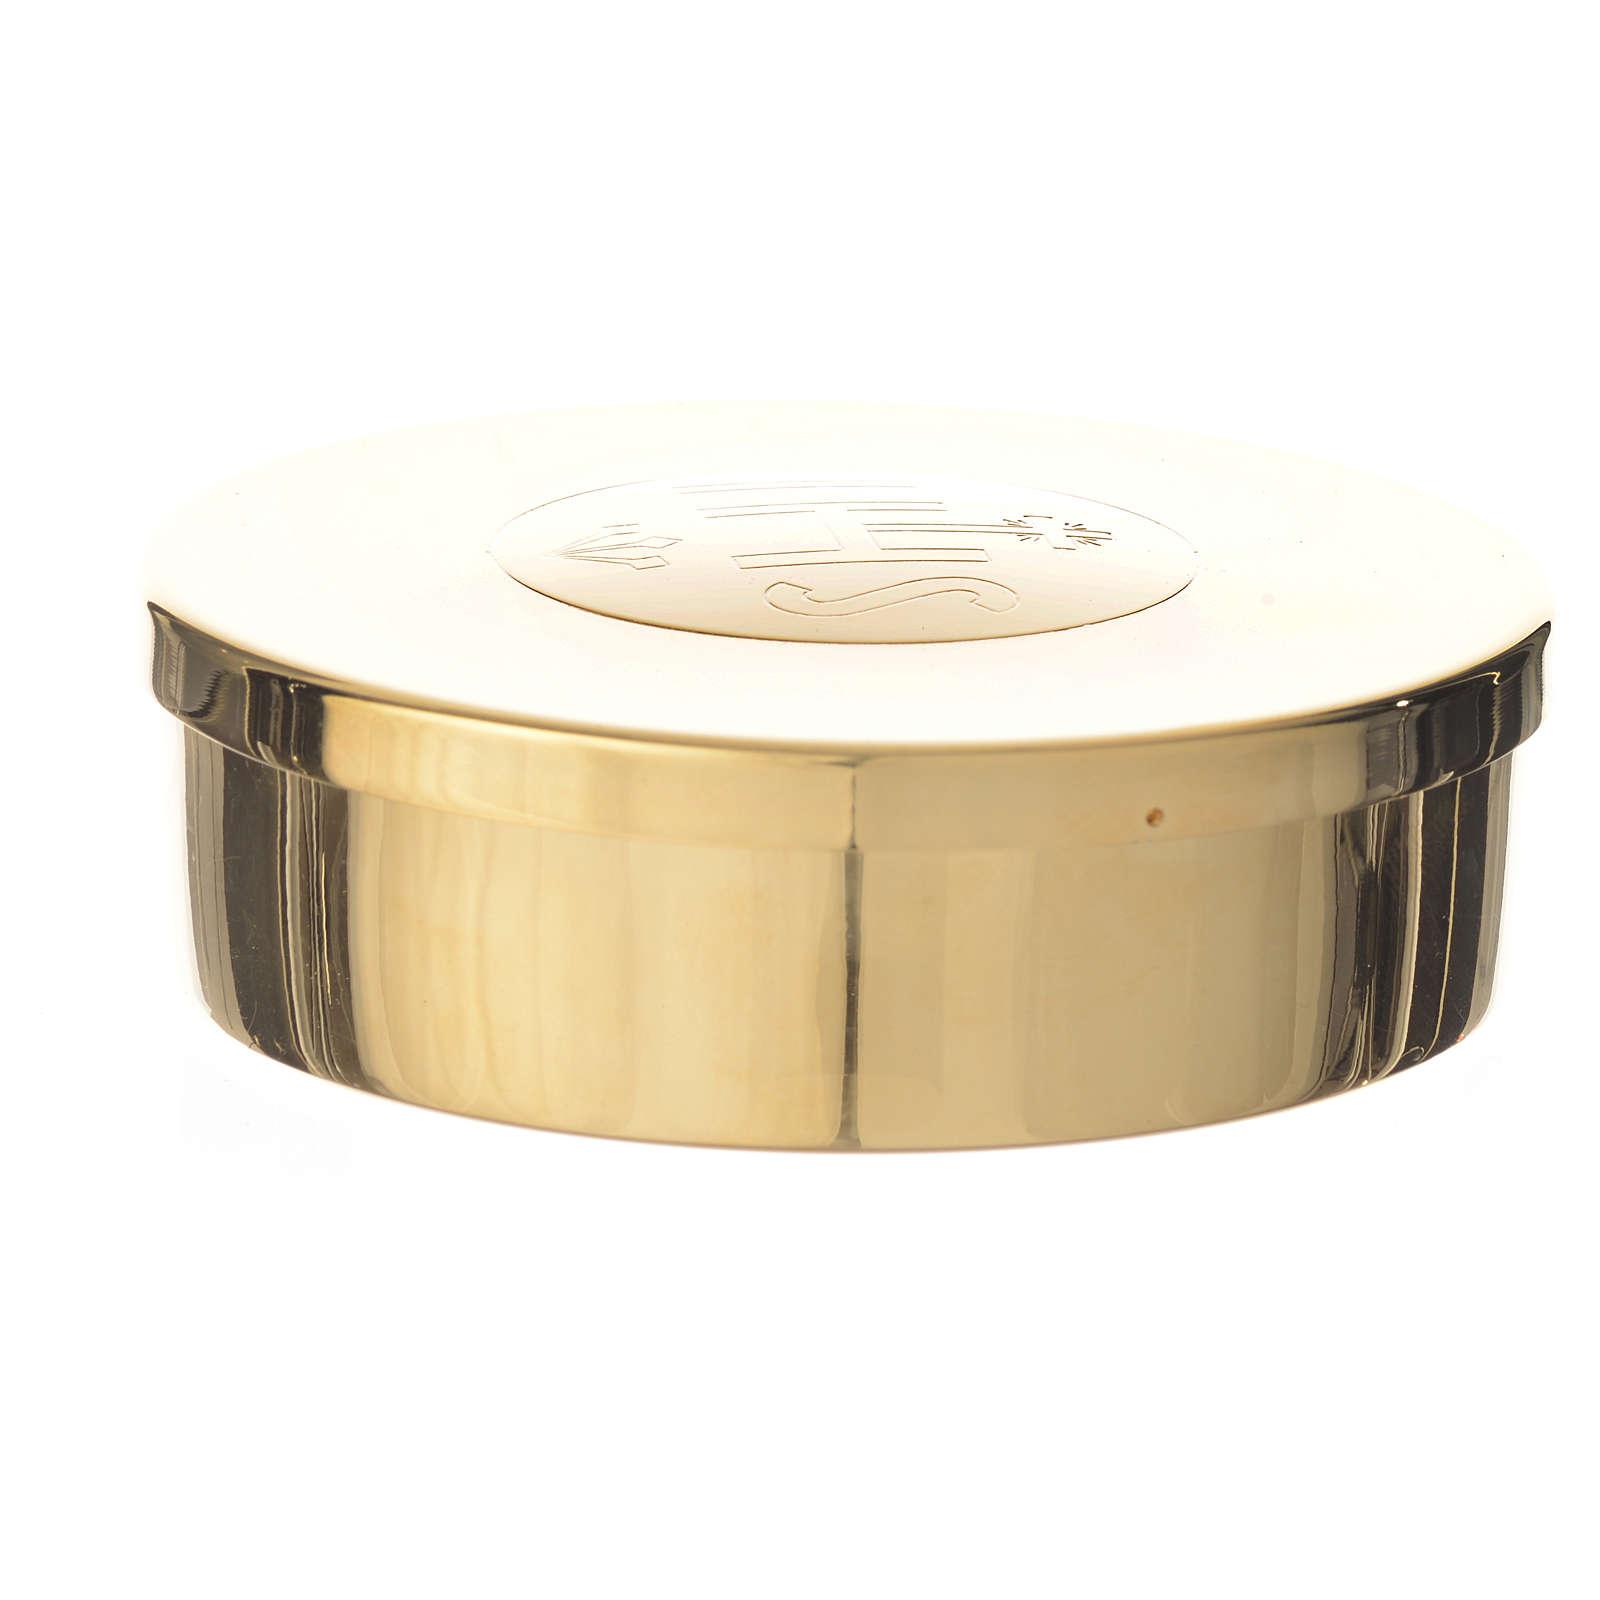 Caja para hostia dorada Latón incisión IHS cm 9 de diámetro 3